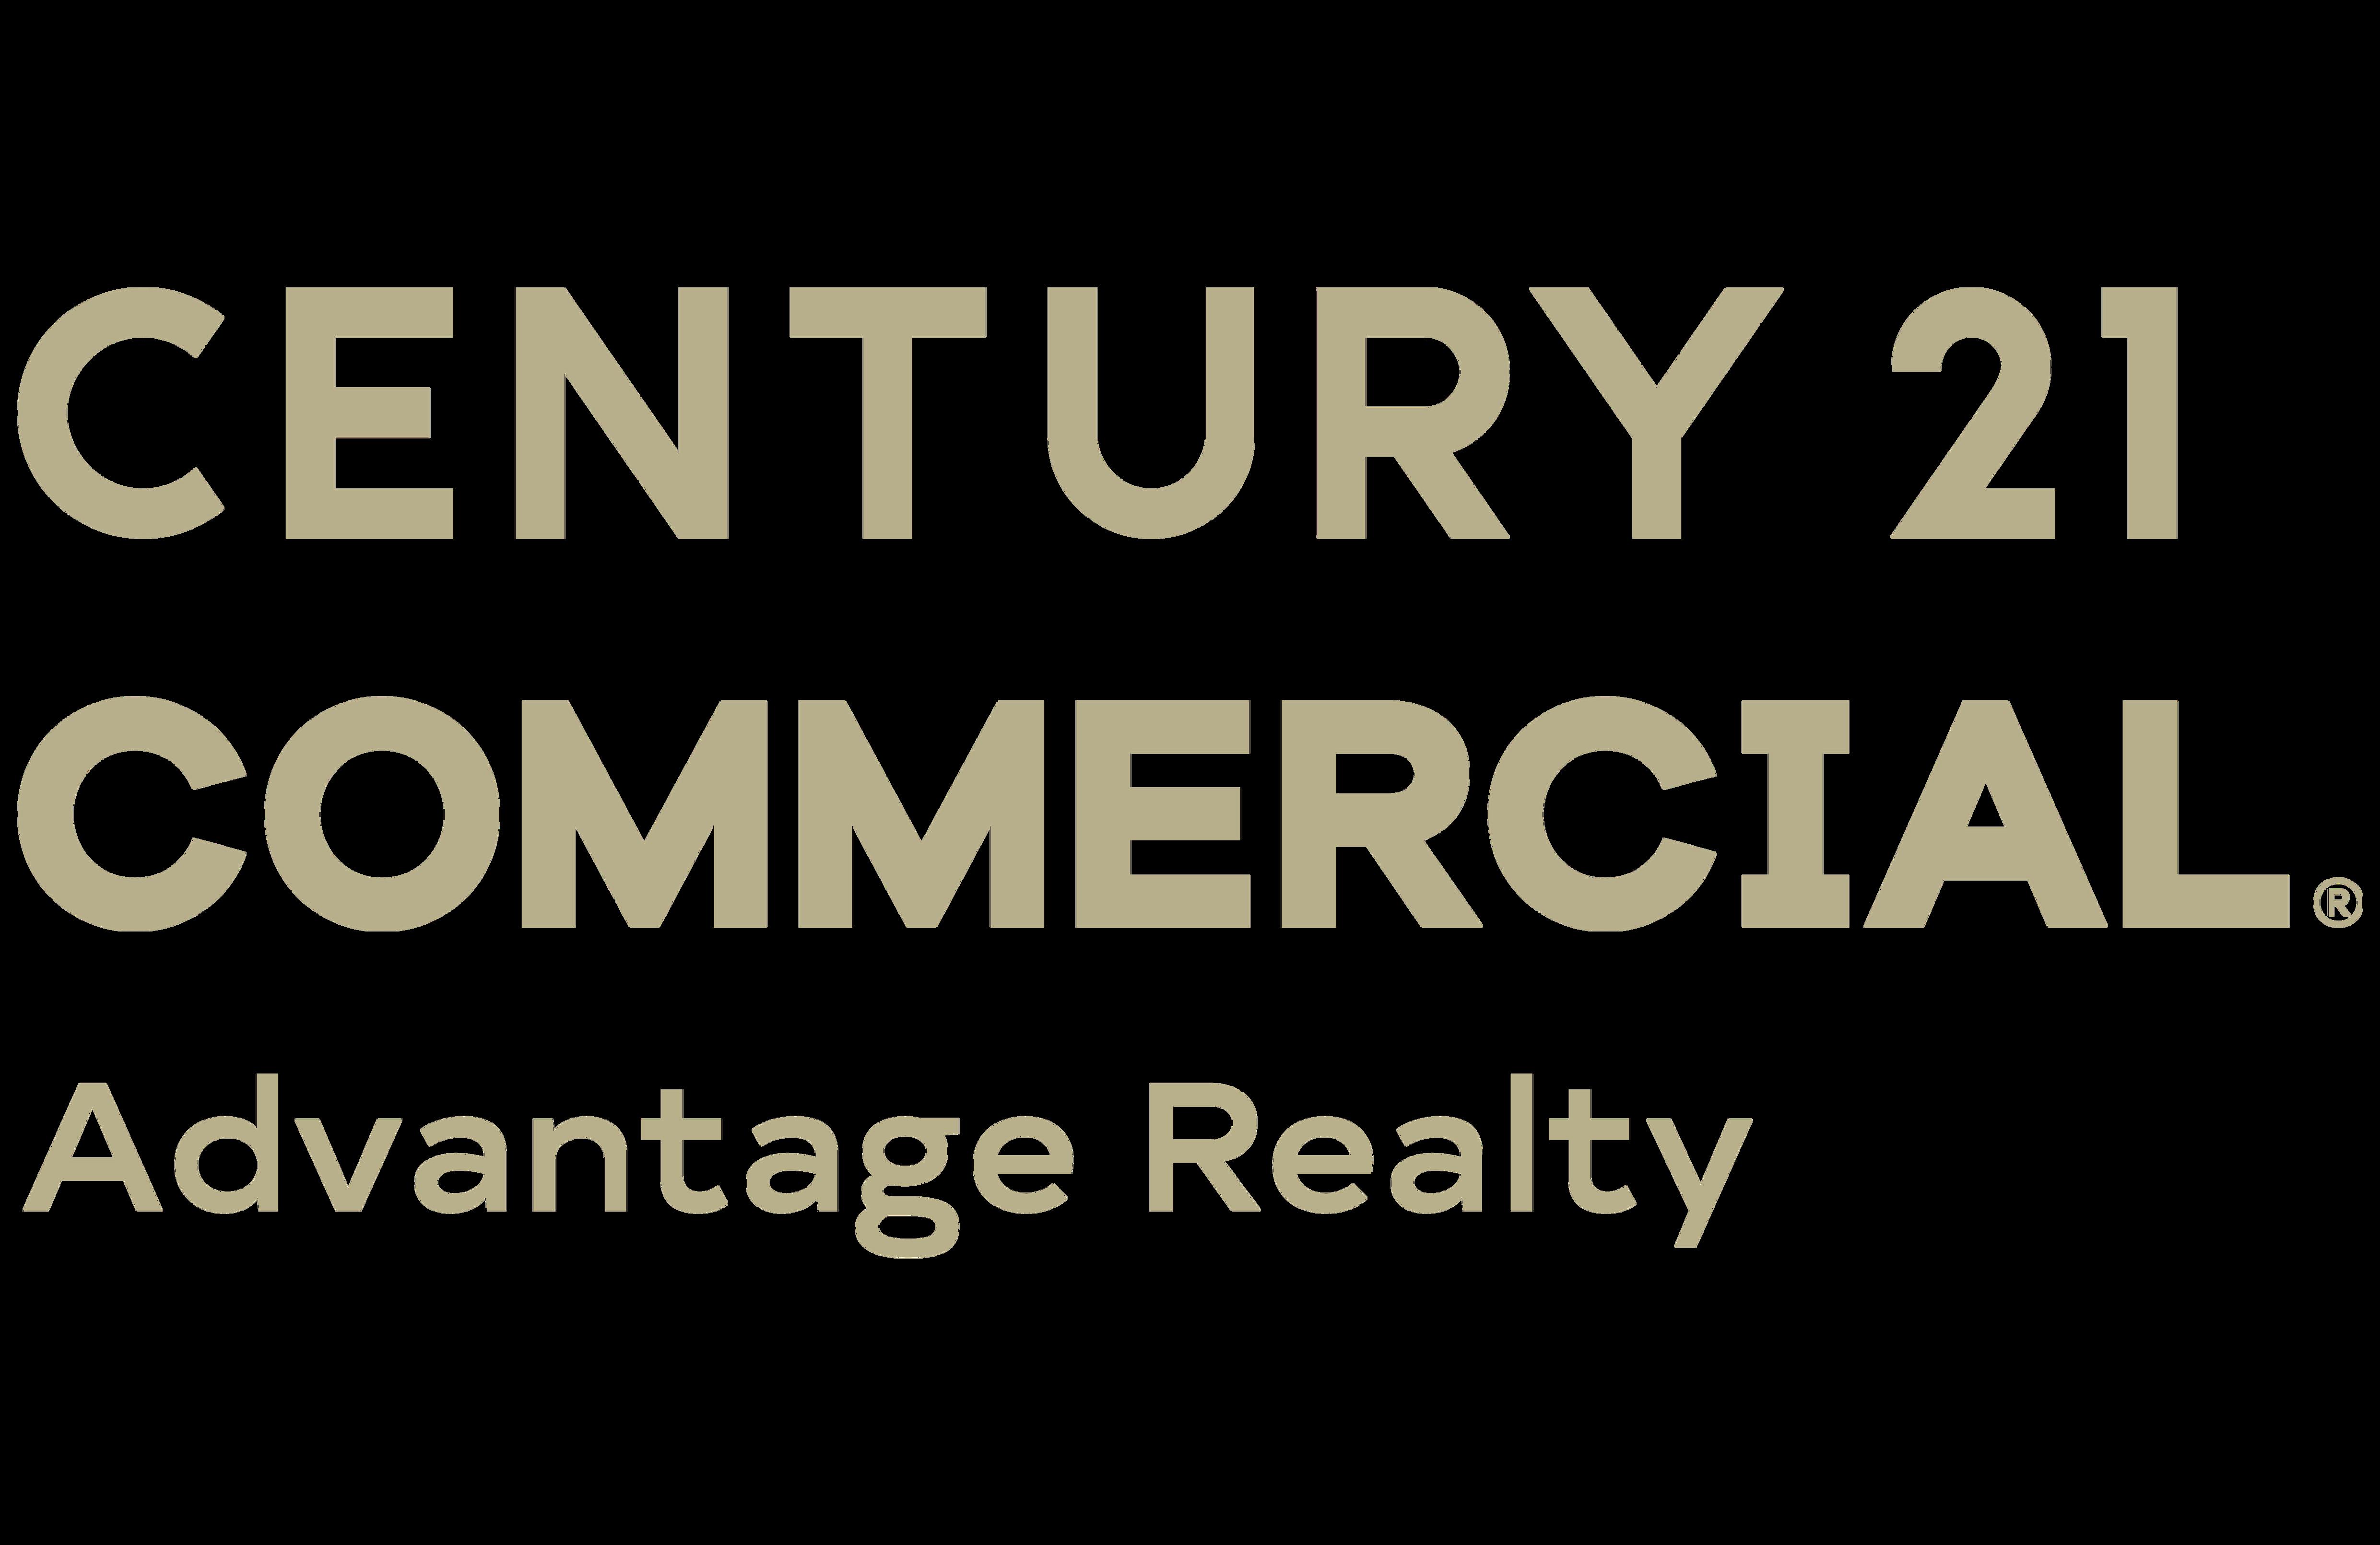 CENTURY 21 Advantage Realty